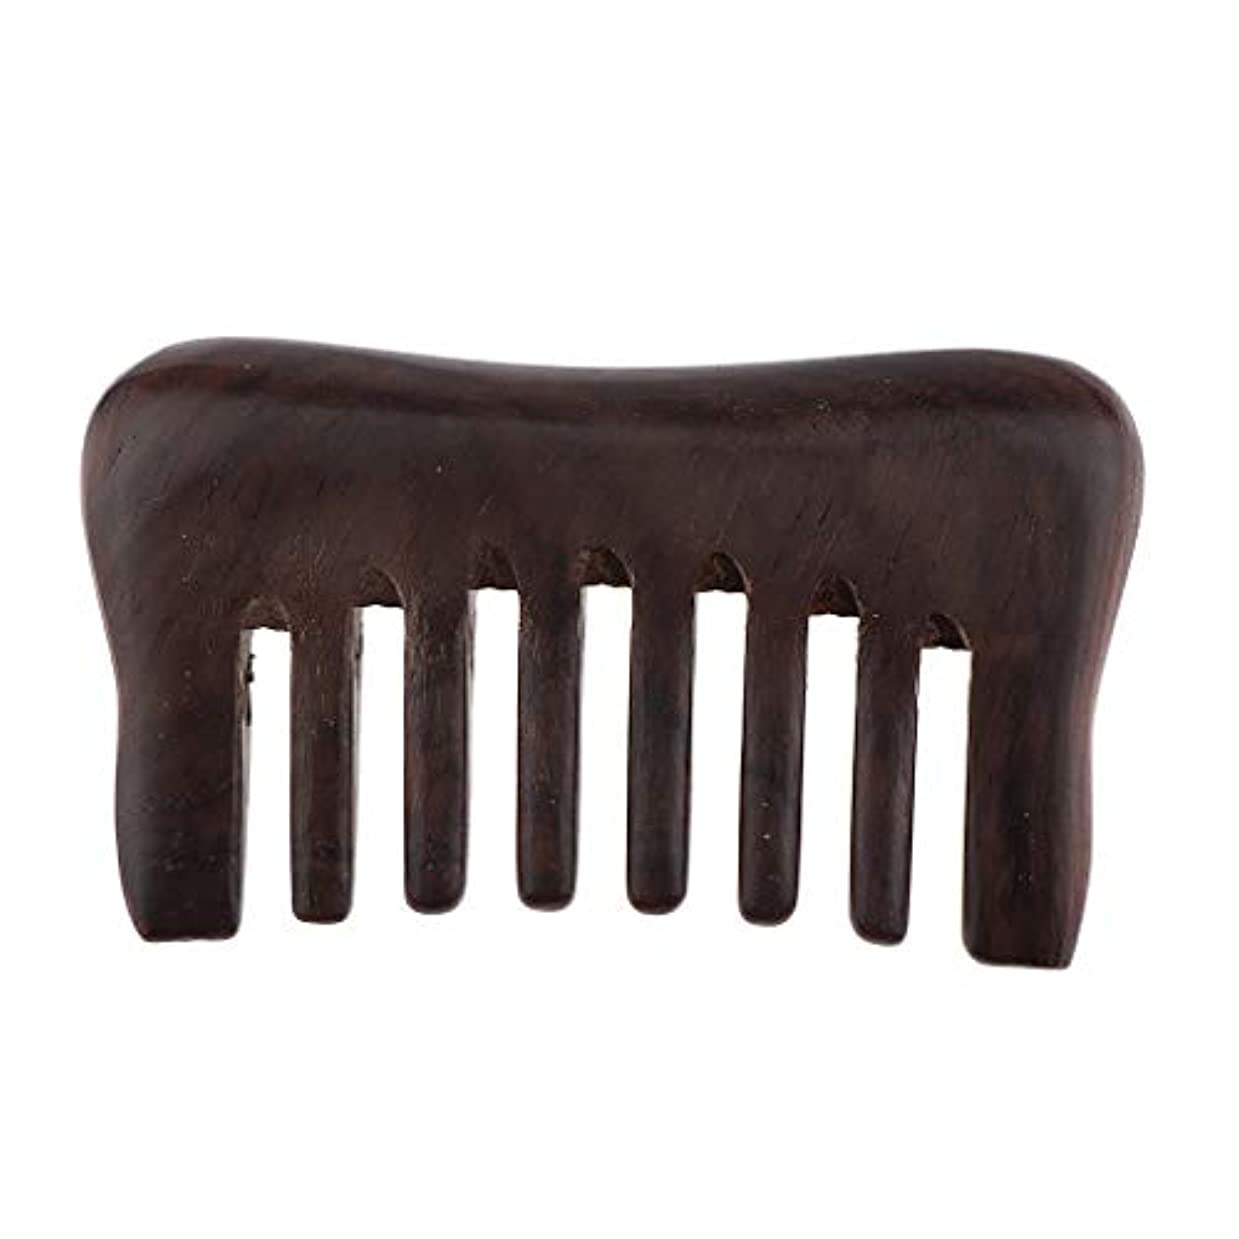 モンキーアイスクリームヘッジヘアコーム 木製櫛 頭皮マッサージ ヘアブラシ 3色選べ - 黒檀